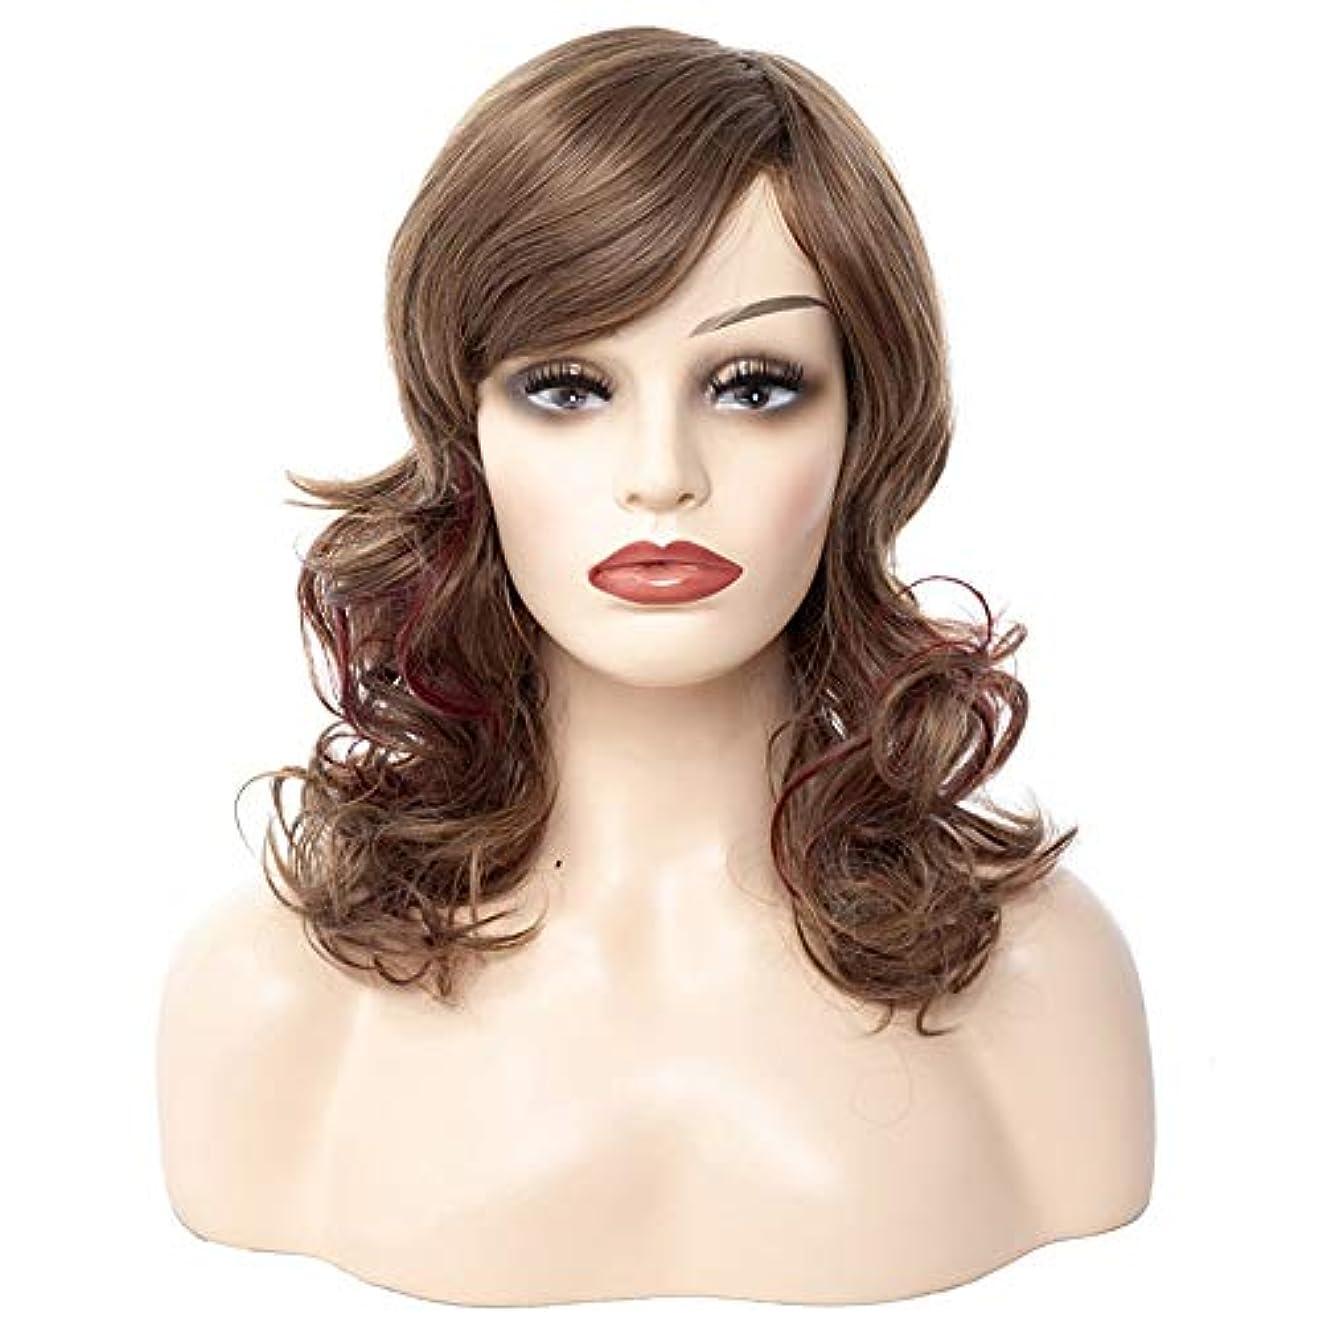 和解する王朝シュートWASAIO スタイルの交換ふわふわかつらのための女性の茶色の短い巻き毛中部天然アクセサリー (色 : ブラウン)